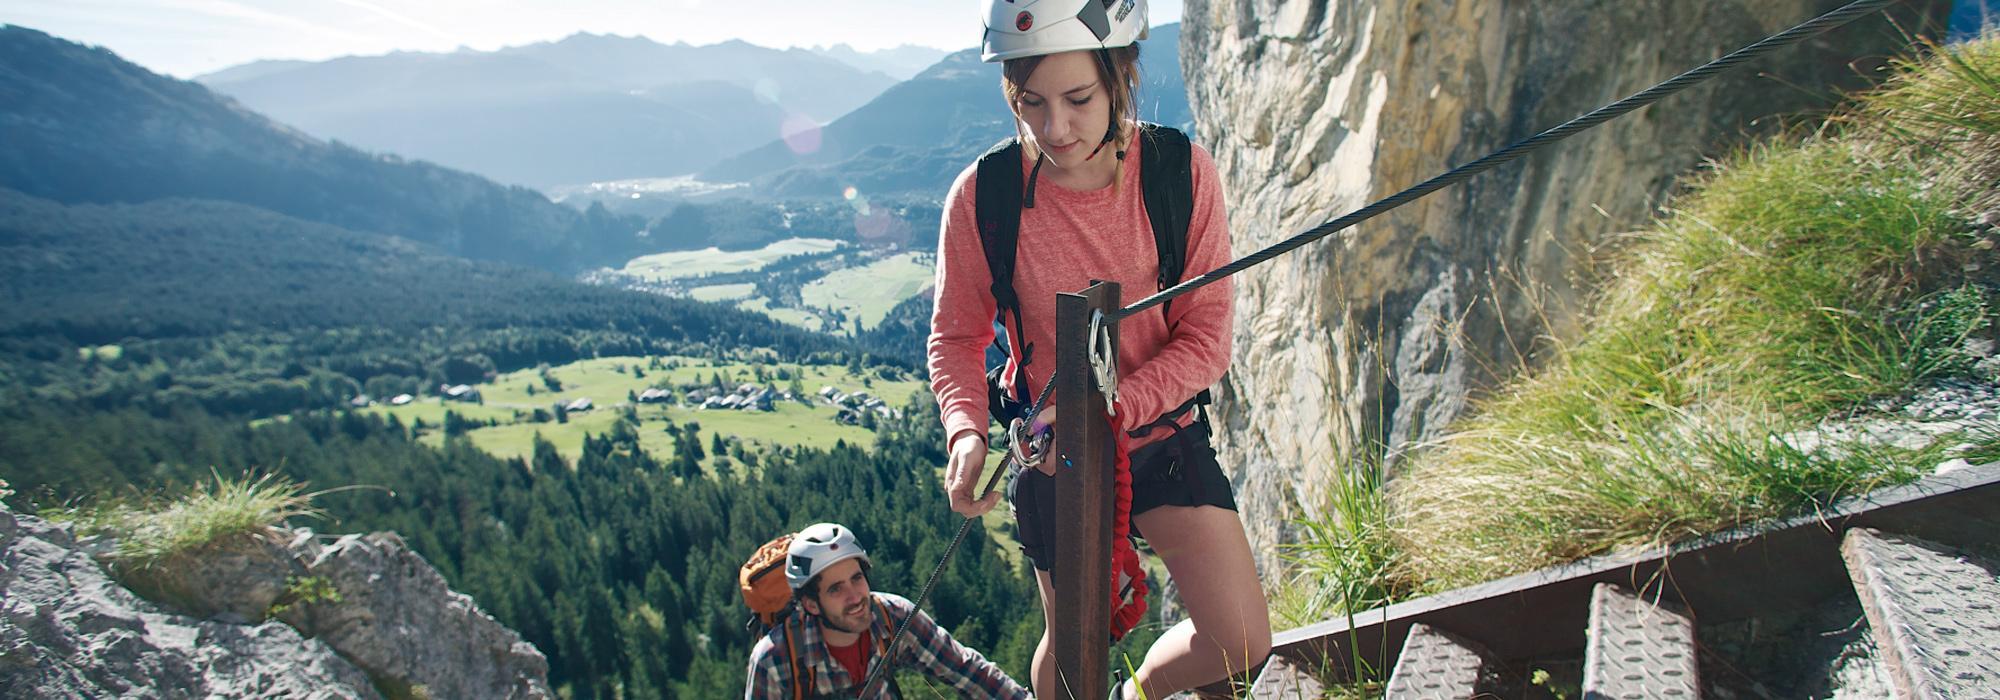 Wandern Flims verbunden mit klettern